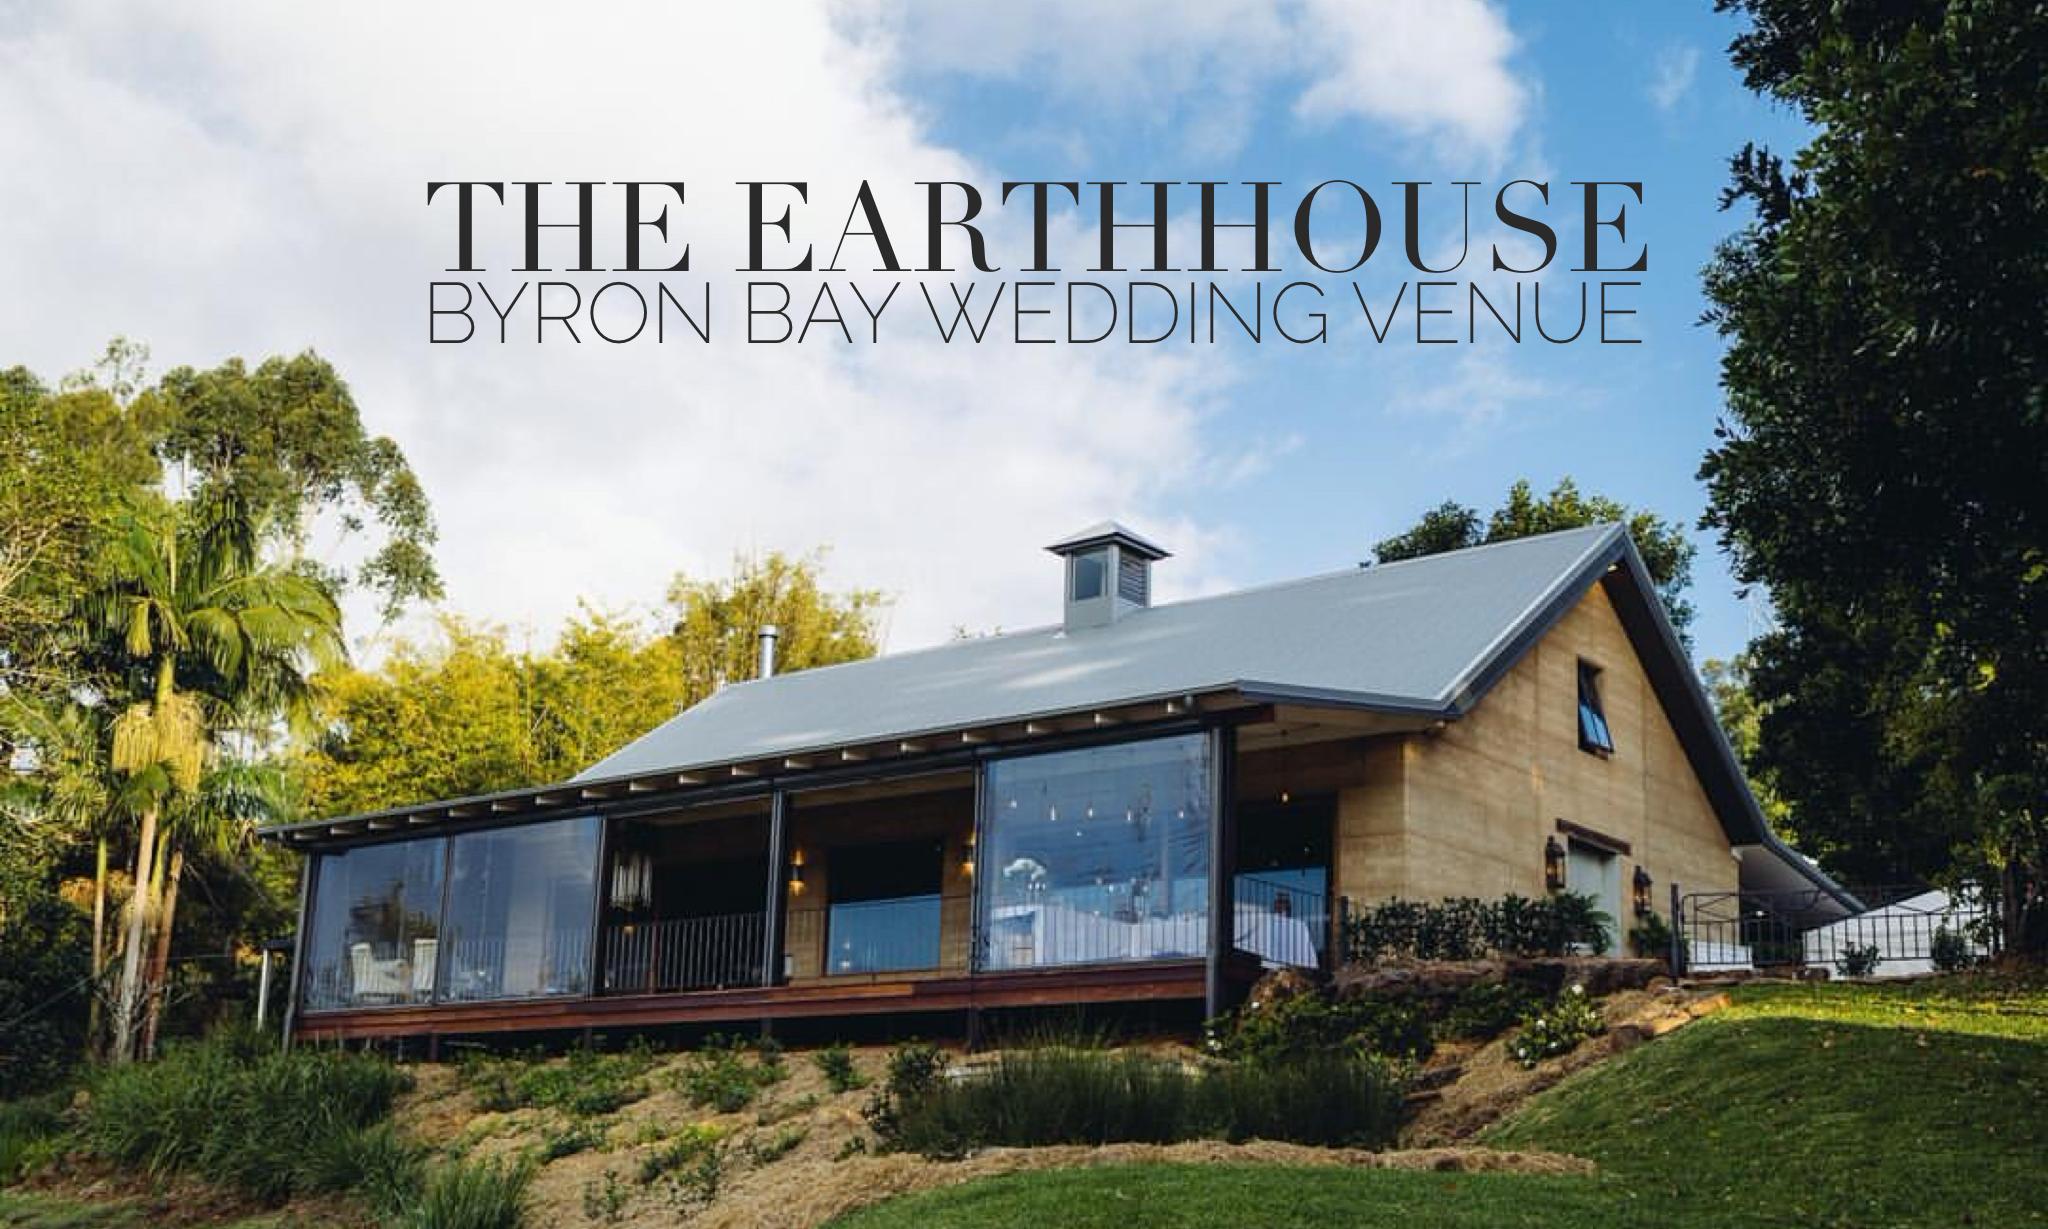 Wedding Venue EarthHouse Byron Bay